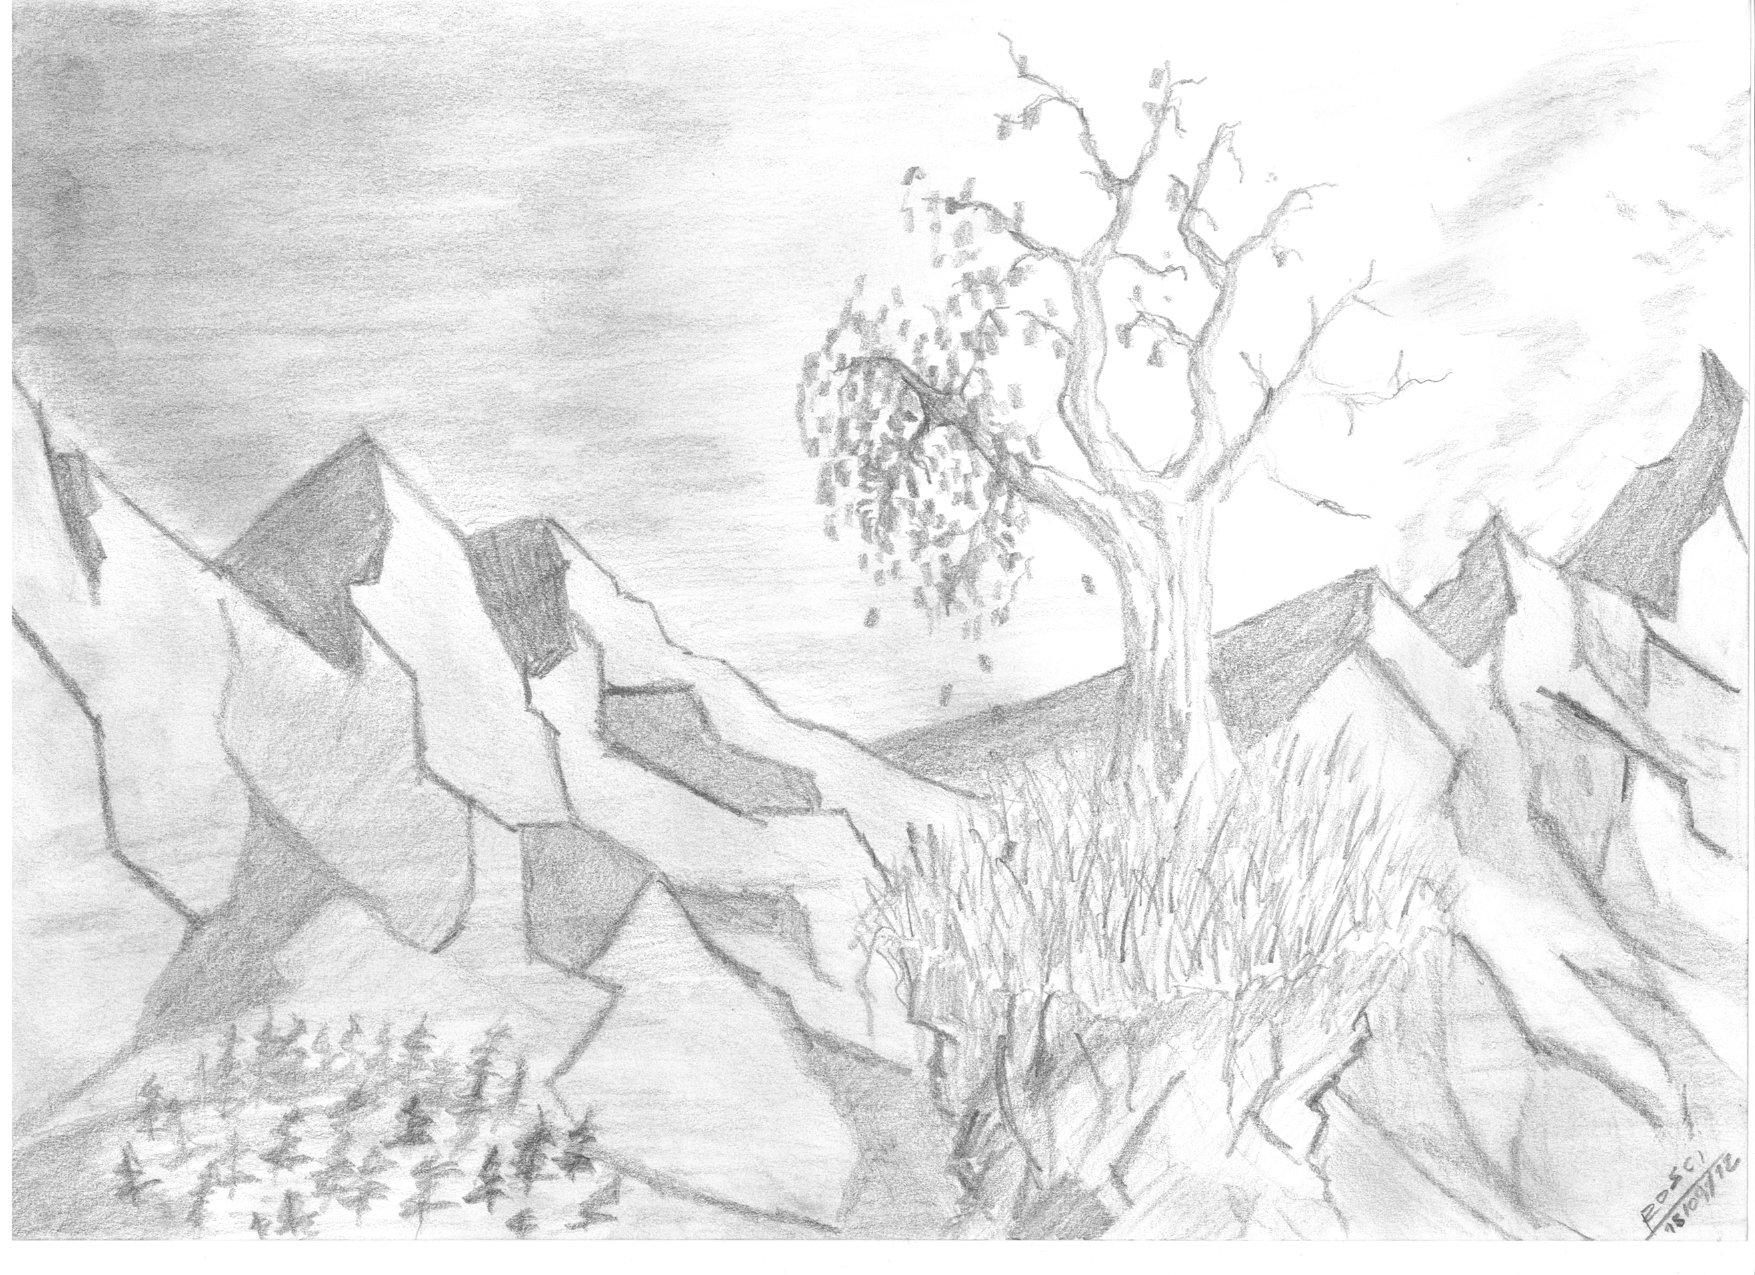 рисунки карандашом легкие и красивые пейзажи они нас будут